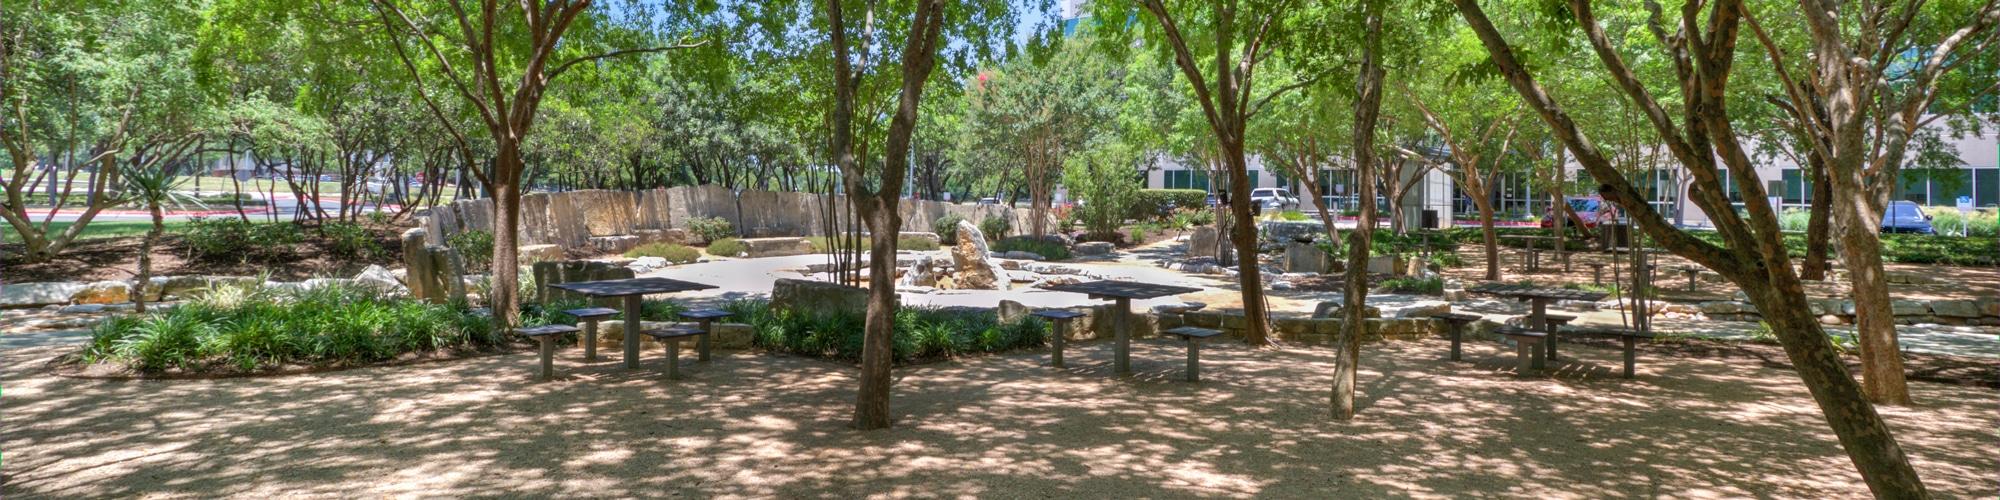 Braker Pointe Outdoor Area